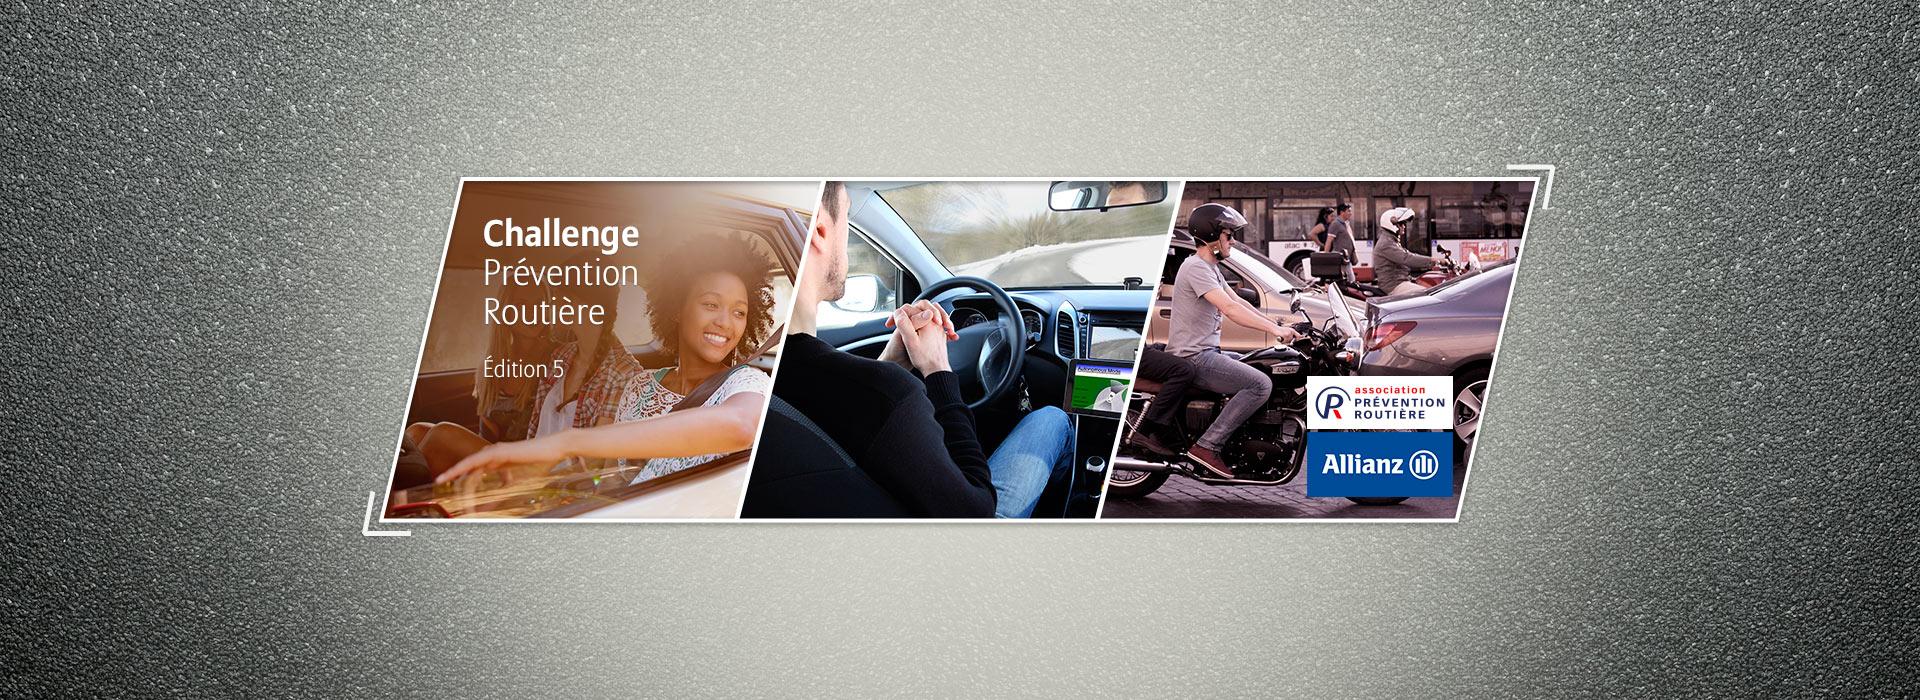 Challenge de la prévention routière